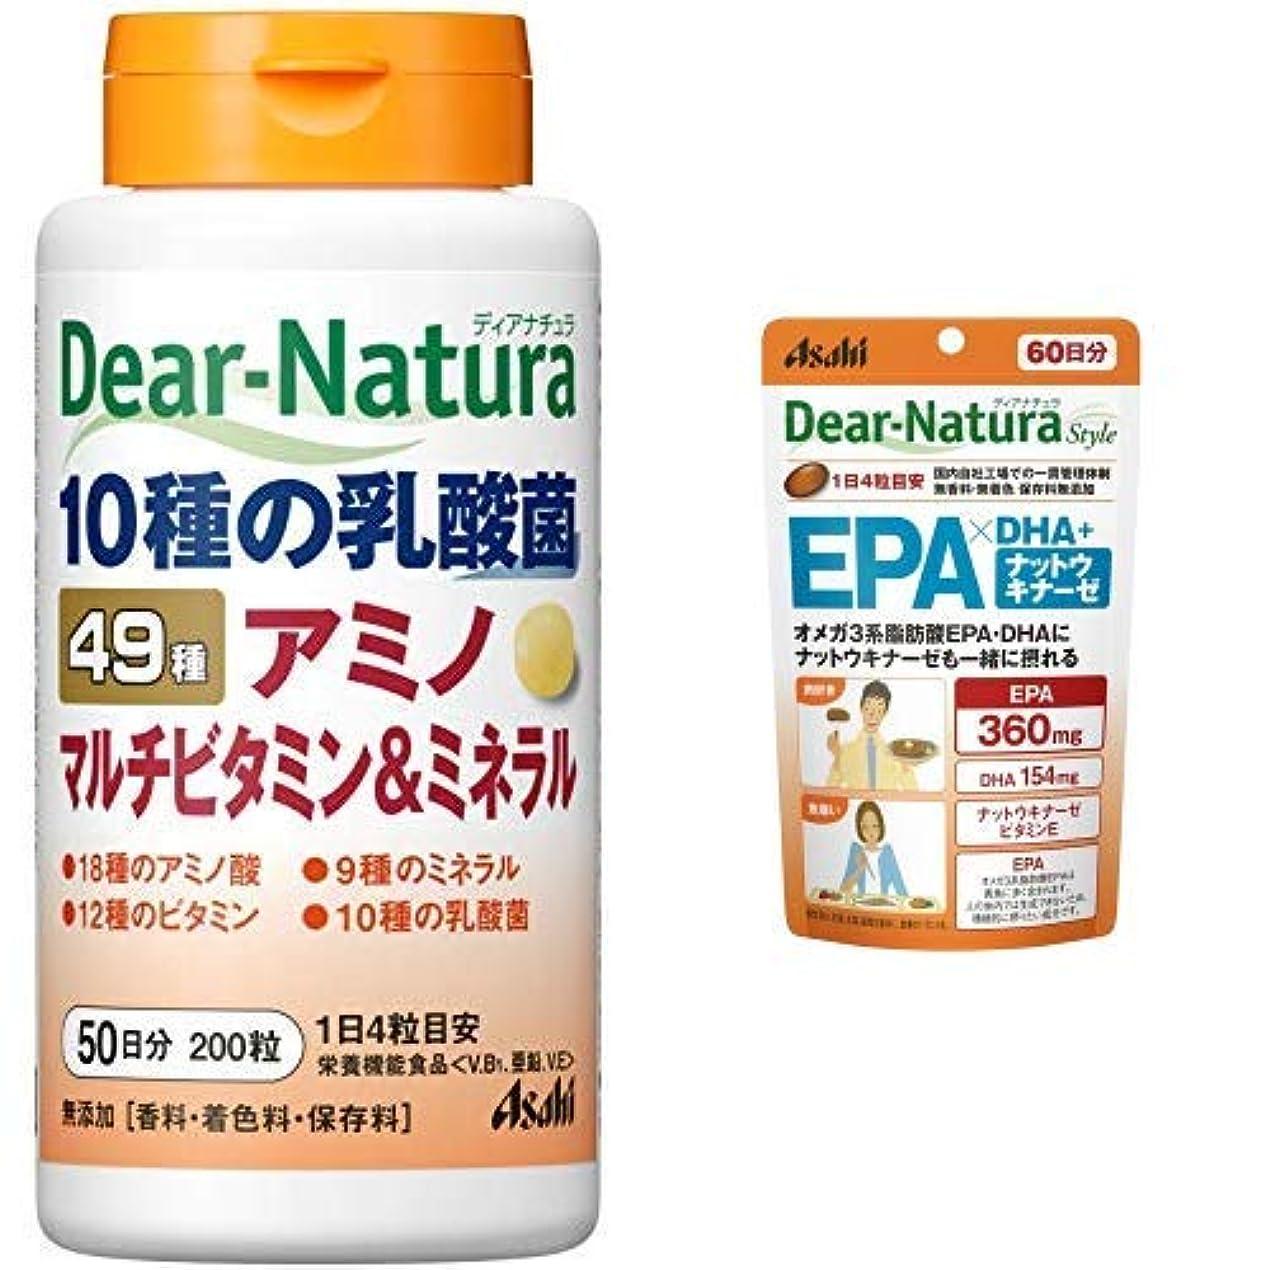 のぞき穴はっきりしない自分の【セット買い】ディアナチュラ マルチビタミン&ミネラル 50日分 & EPA×DHA+ナットウキナーゼ 60日分